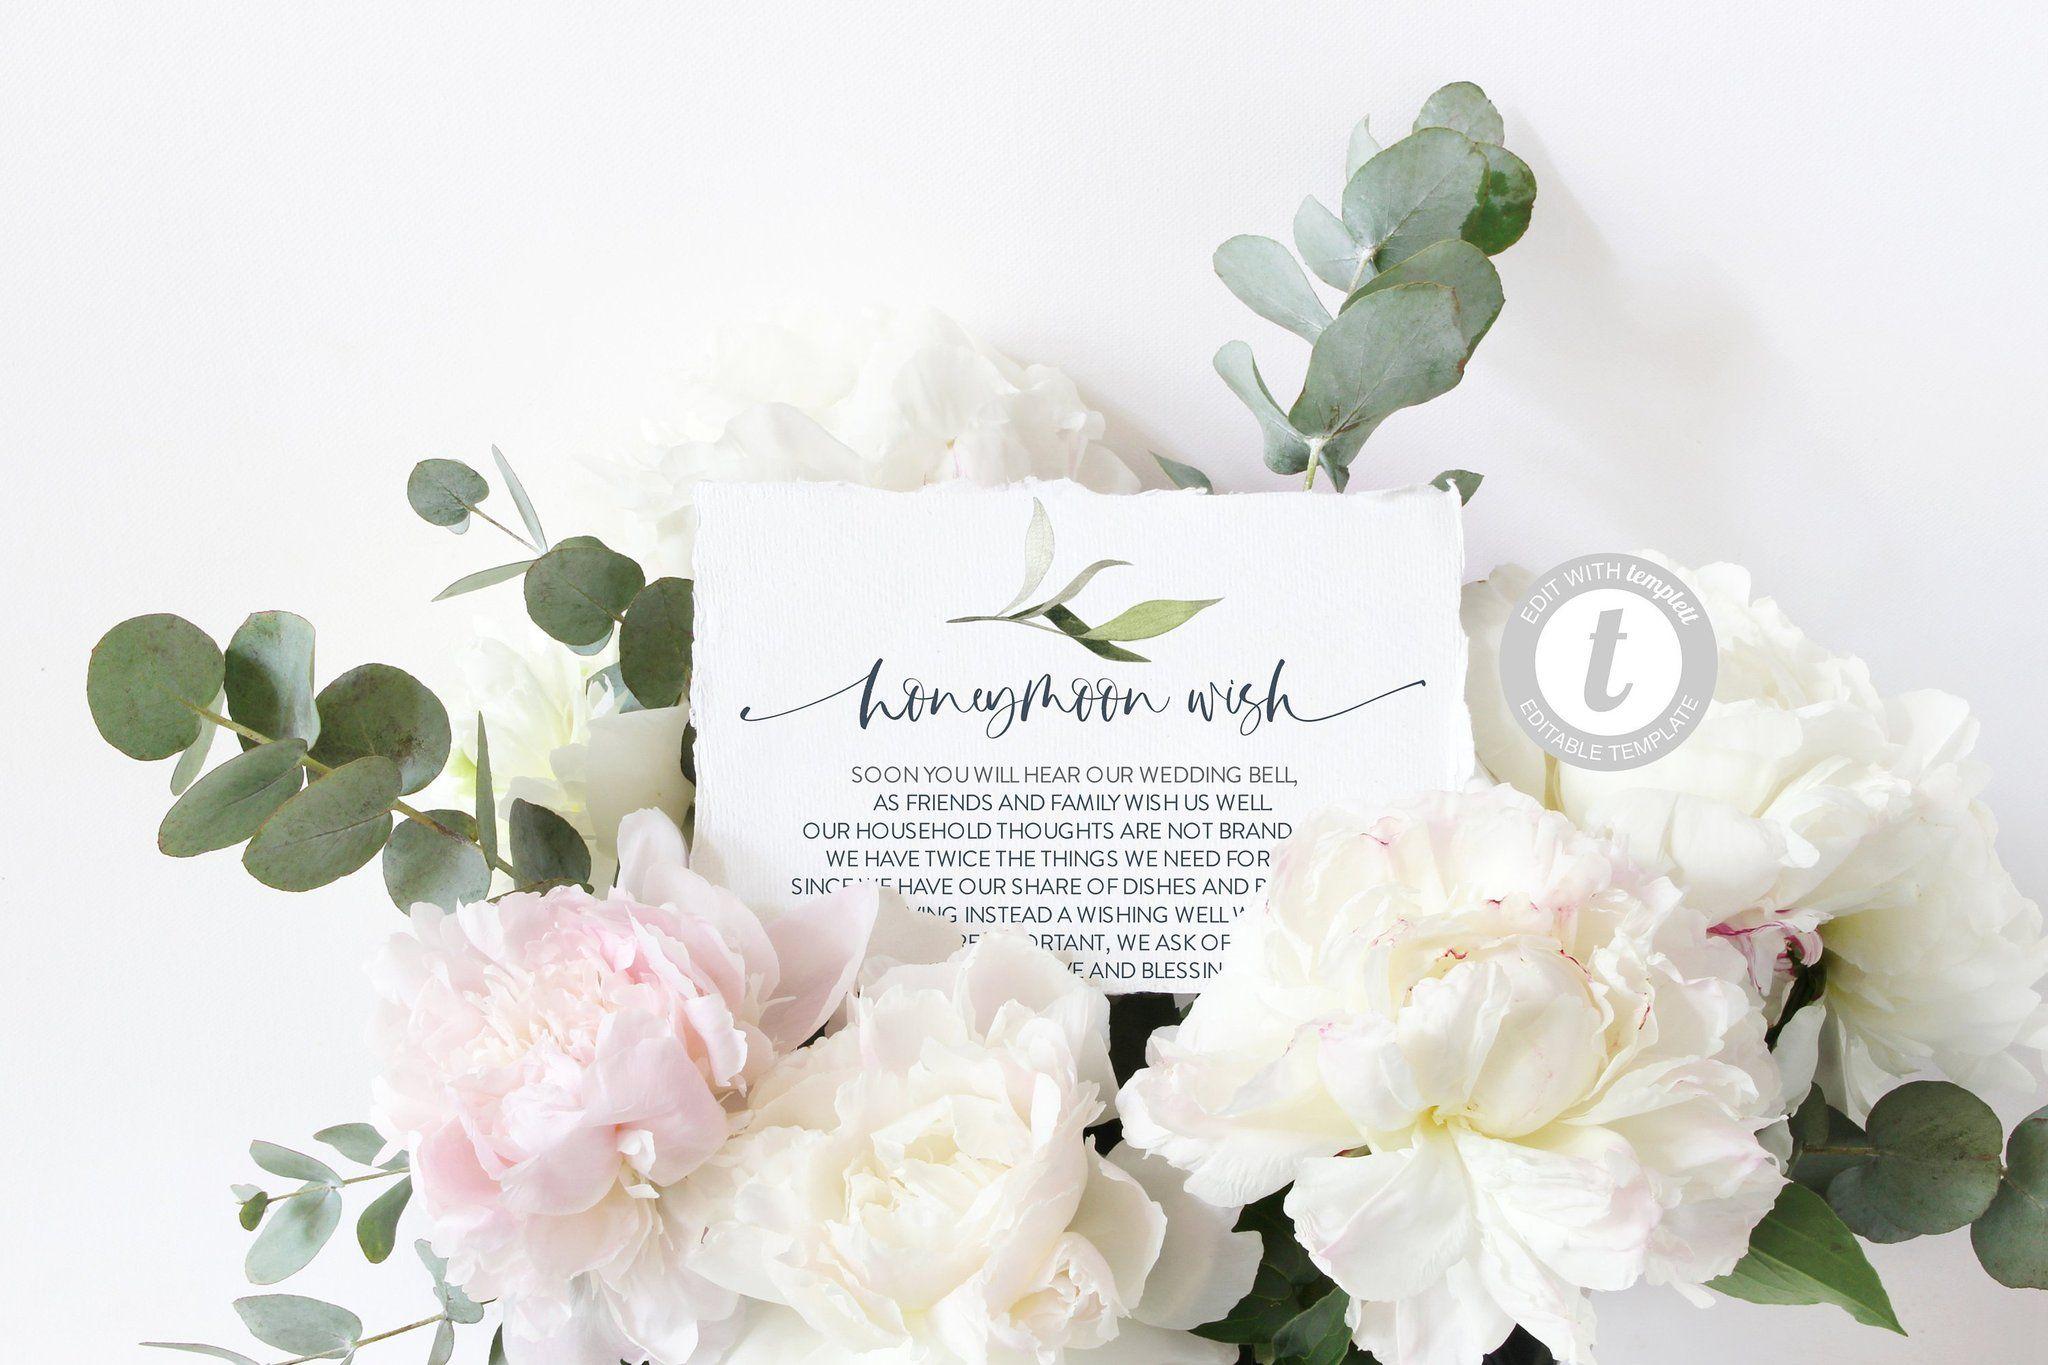 Honeymoon Wishing Well Card Template Honeymoon Wish Honeymoon Fund Wedding Info Card Wedding Details Card Wedding Cards